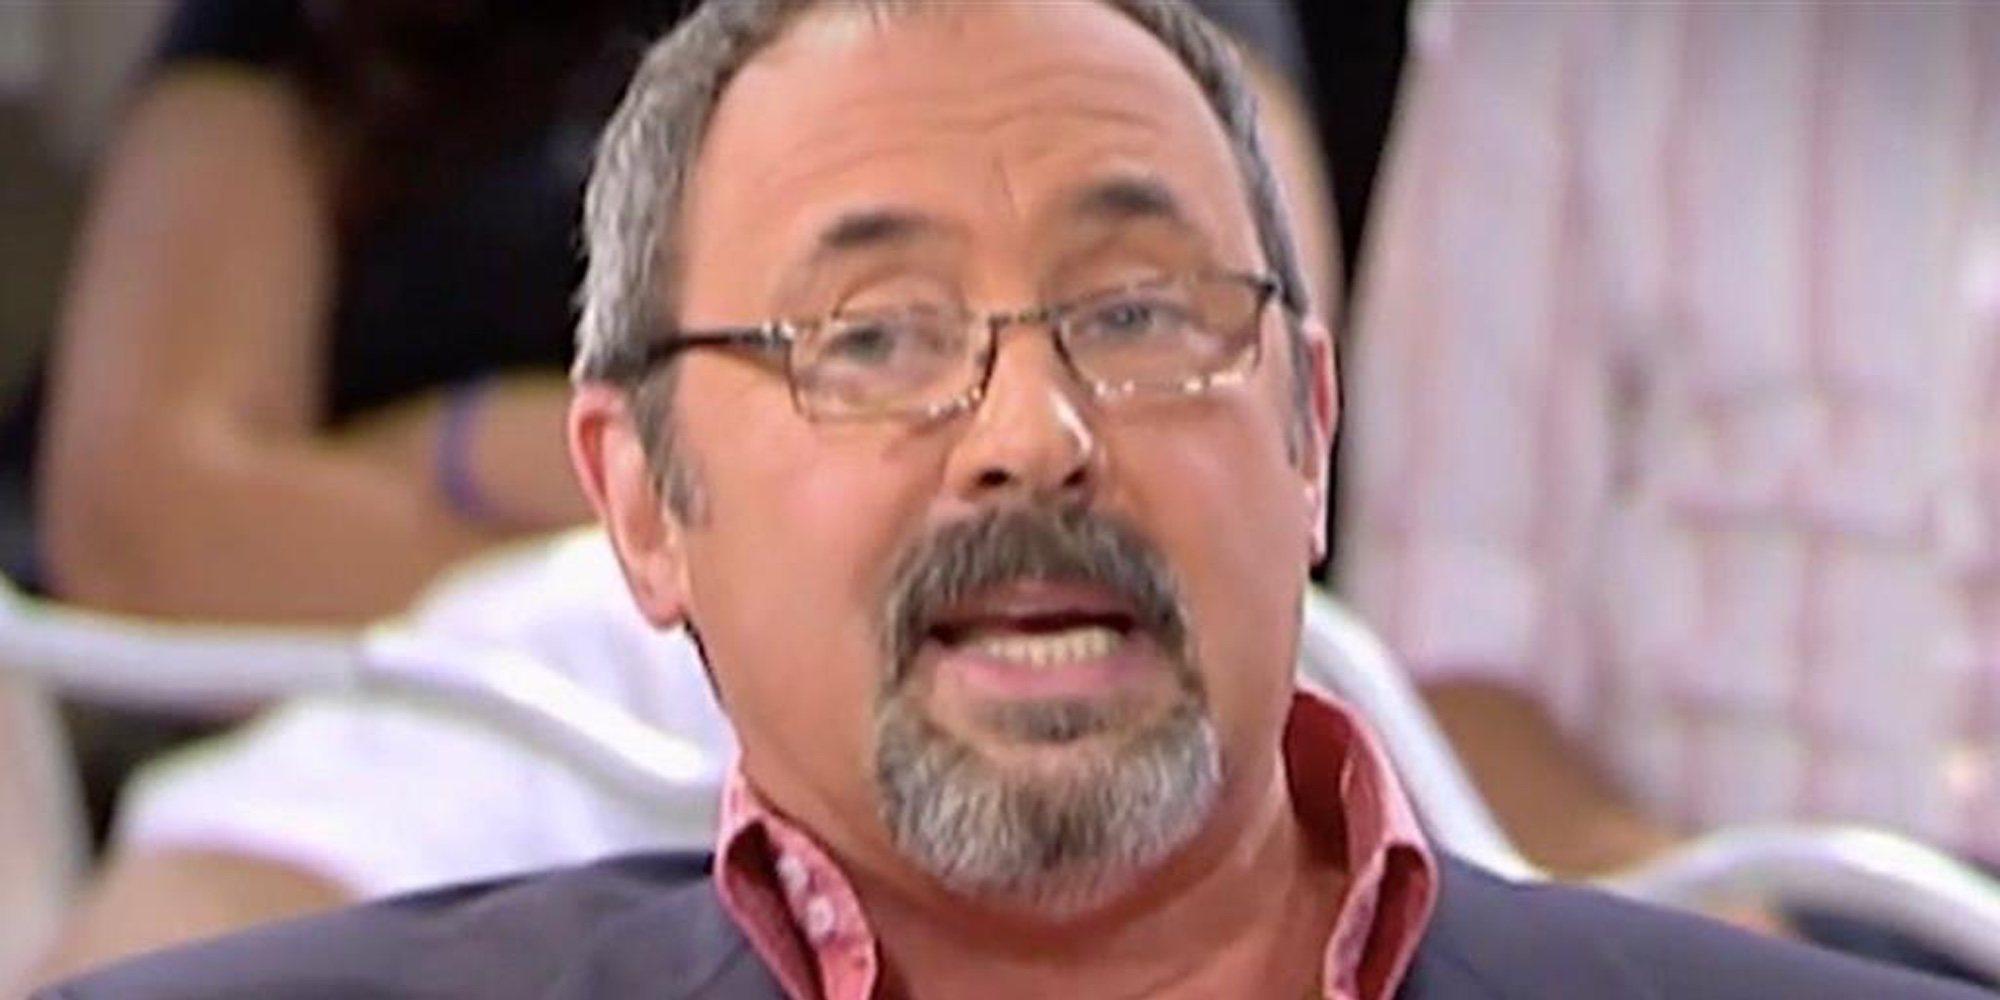 """Federico Montes, padre de Elena Tablada, habla de su nula relación: """"Tampoco voy a estar llevando un castigo"""""""